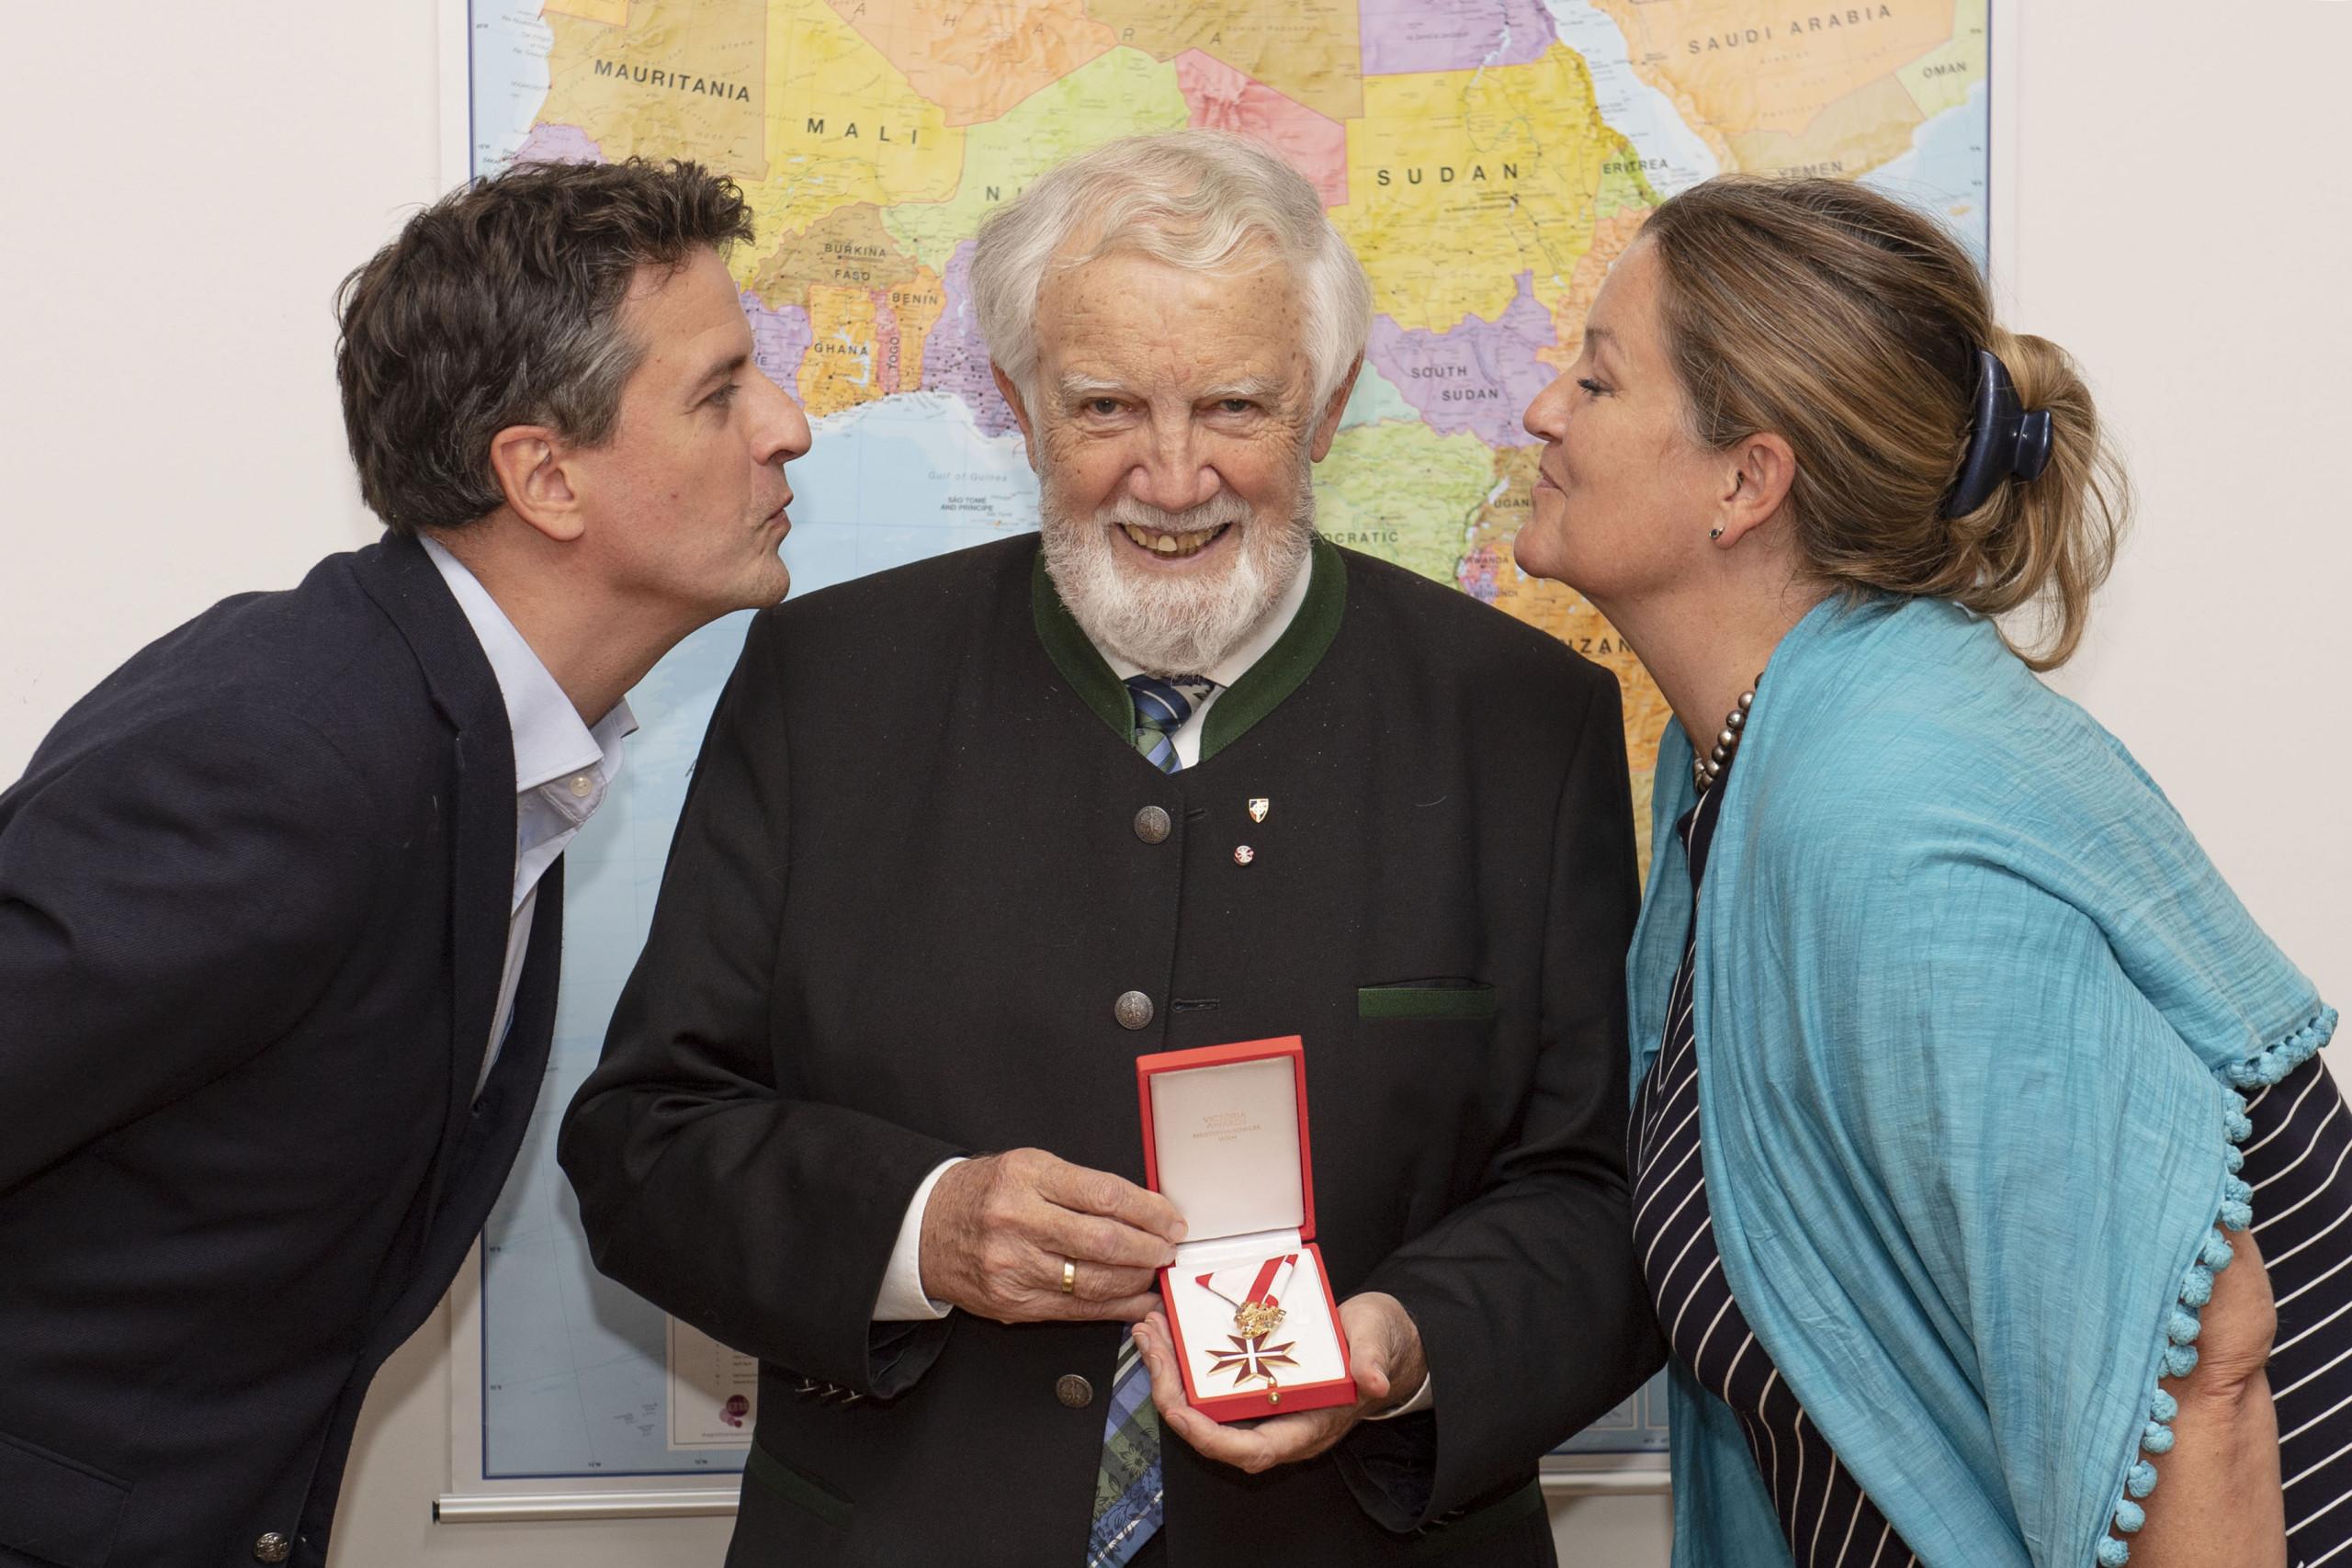 Sohn Prof.h.c. MMag. Thomas Schüssler (links) und Tochter und ÖJAB-Geschäftsführerin Dr. Monika Schüssler gratulieren ihrem Vater Eduard Schüssler zum Goldene Ehrenzeichen für Verdienste um die Republik Österreich.